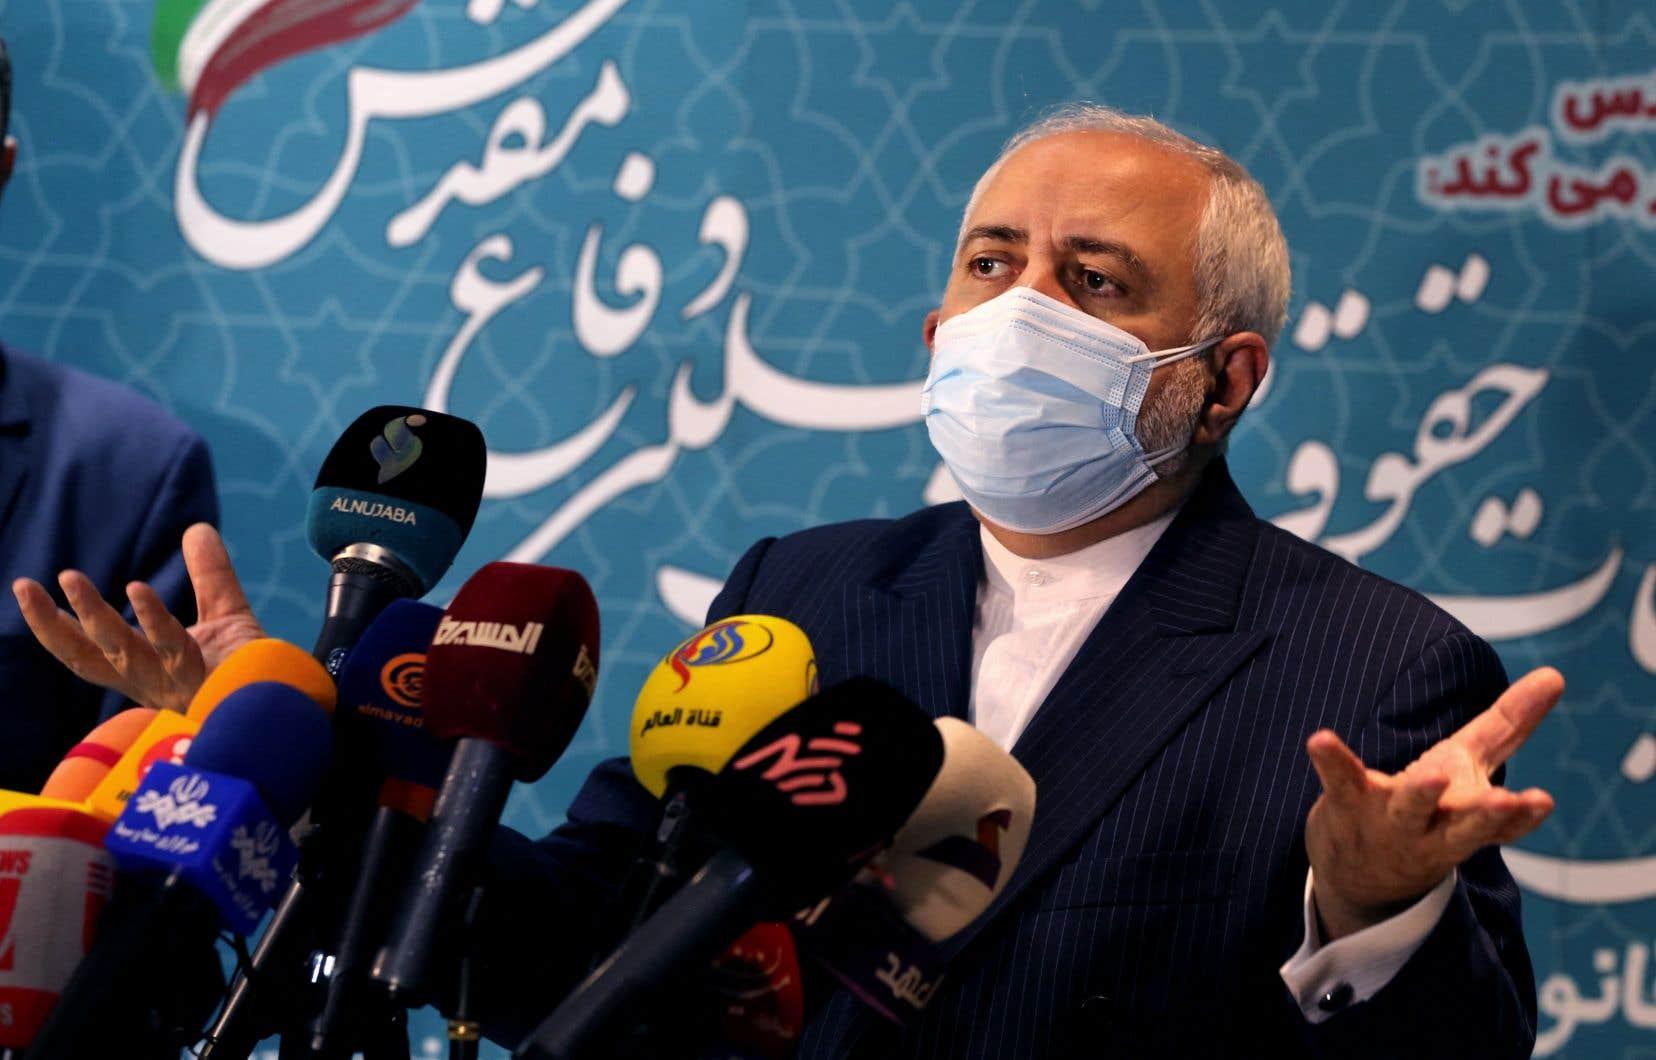 Le ministre iranien des Affaires étrangères, Mohammad Djavad Zarif, en conférence de presse le 23 février